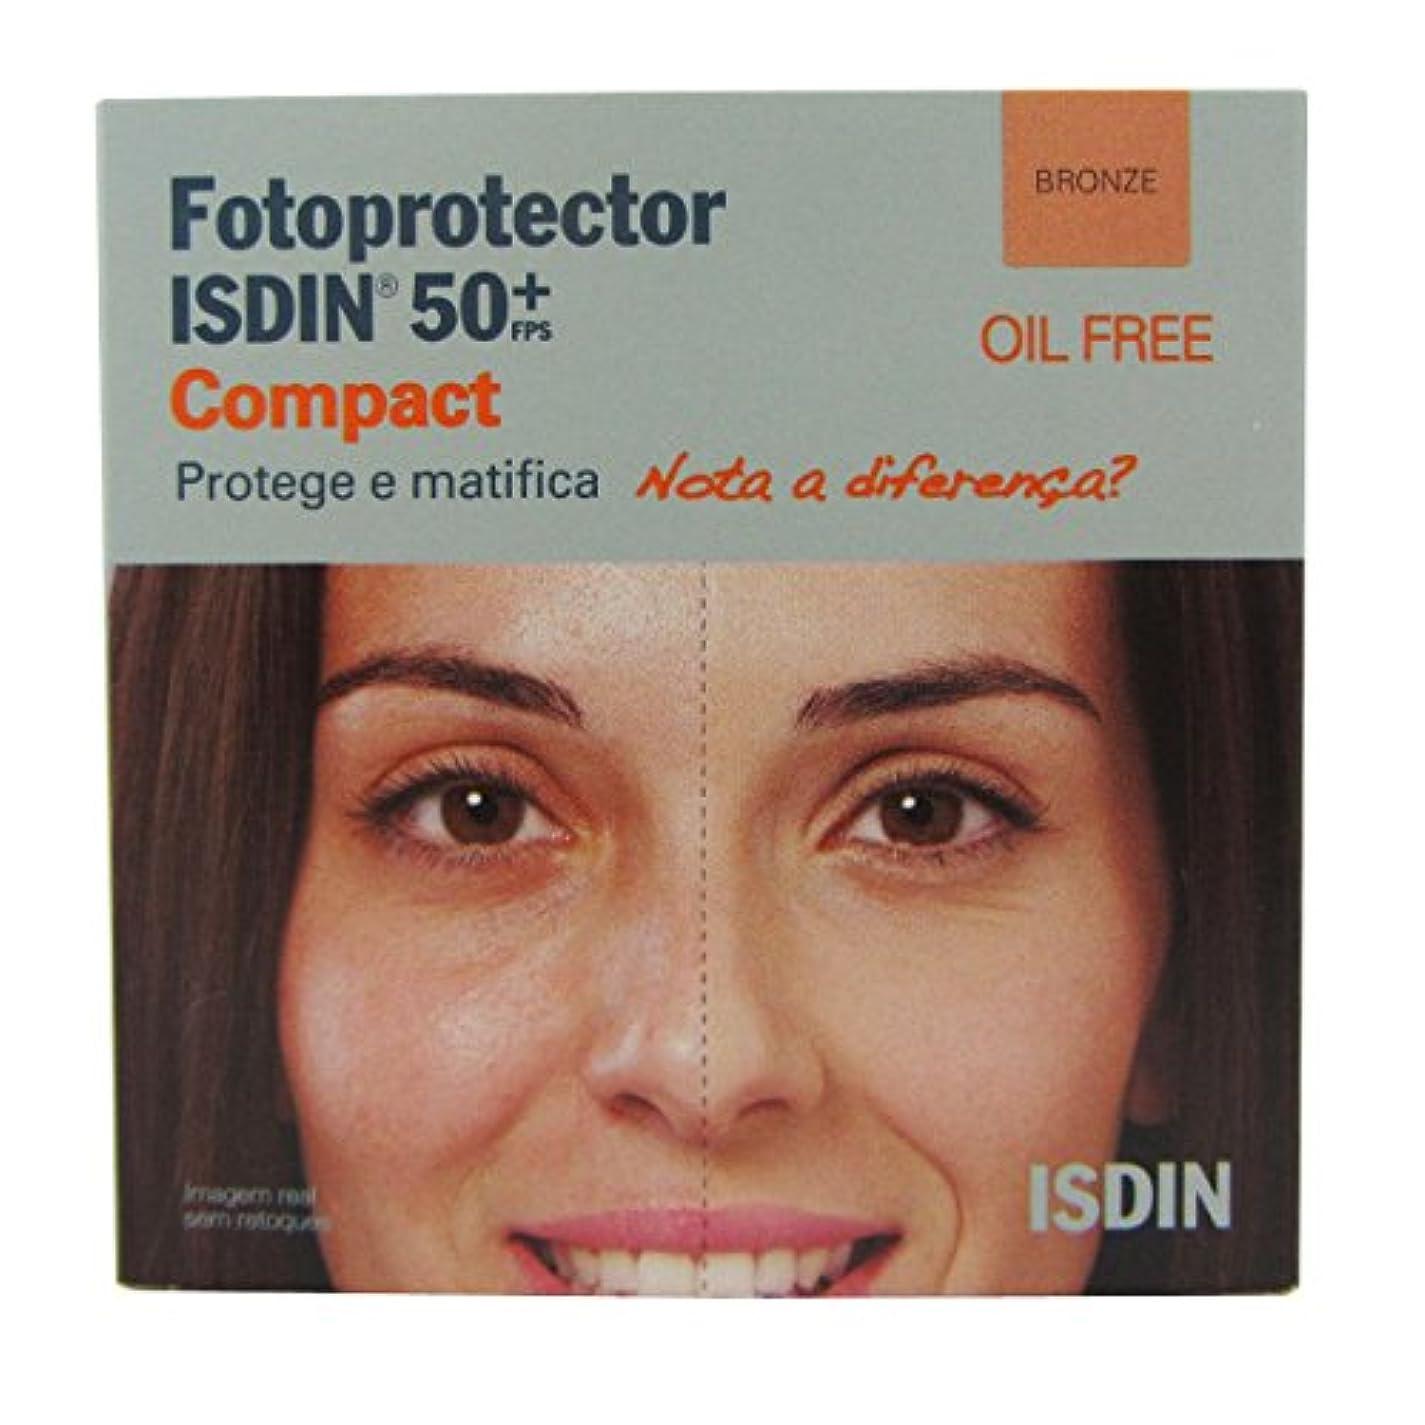 五月部屋を掃除する溢れんばかりのIsdin Photoprotector Compact 50+ Bronz 10g [並行輸入品]